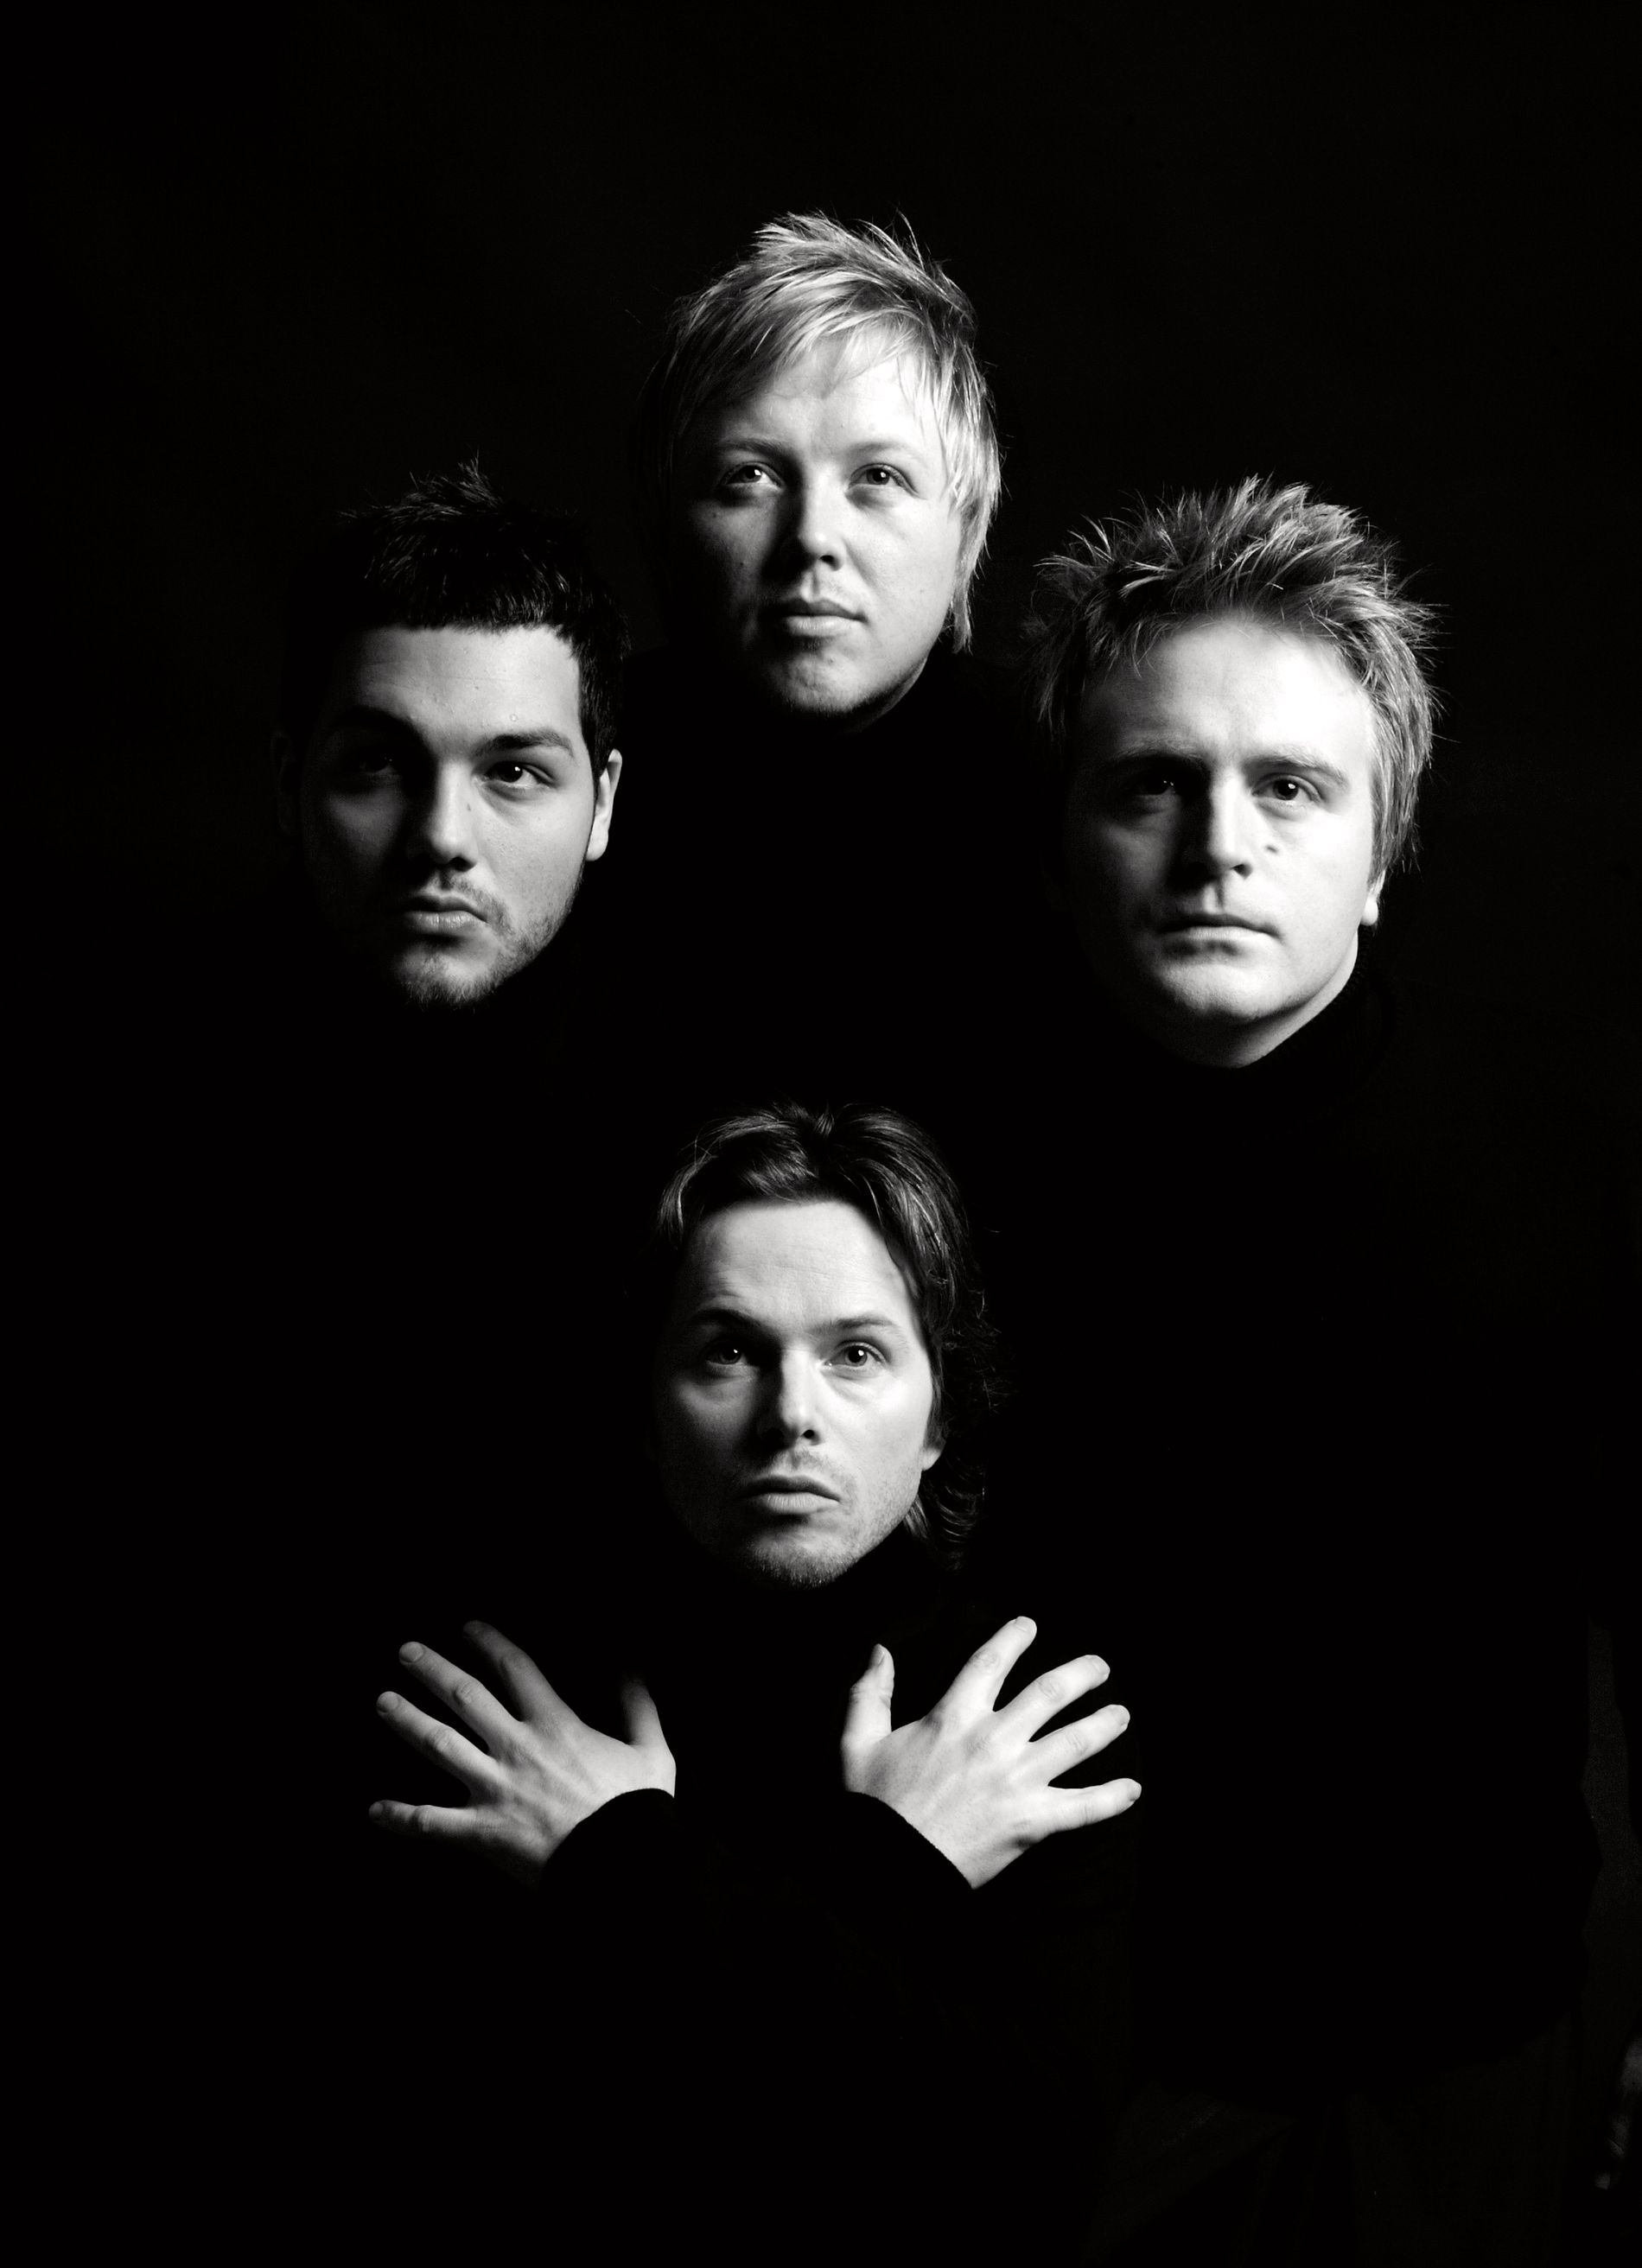 EVENTYRLIG SUKSESS: Kurt Nilsen sammen med Alejandro Fuentes (t.v.), Askil Holm (t.h.) og Espen Lind (foran) i 2006, da de gikk under kallenavnet «De nye gitarkameratene». Foto: JANNE MØLLER-HANSEN